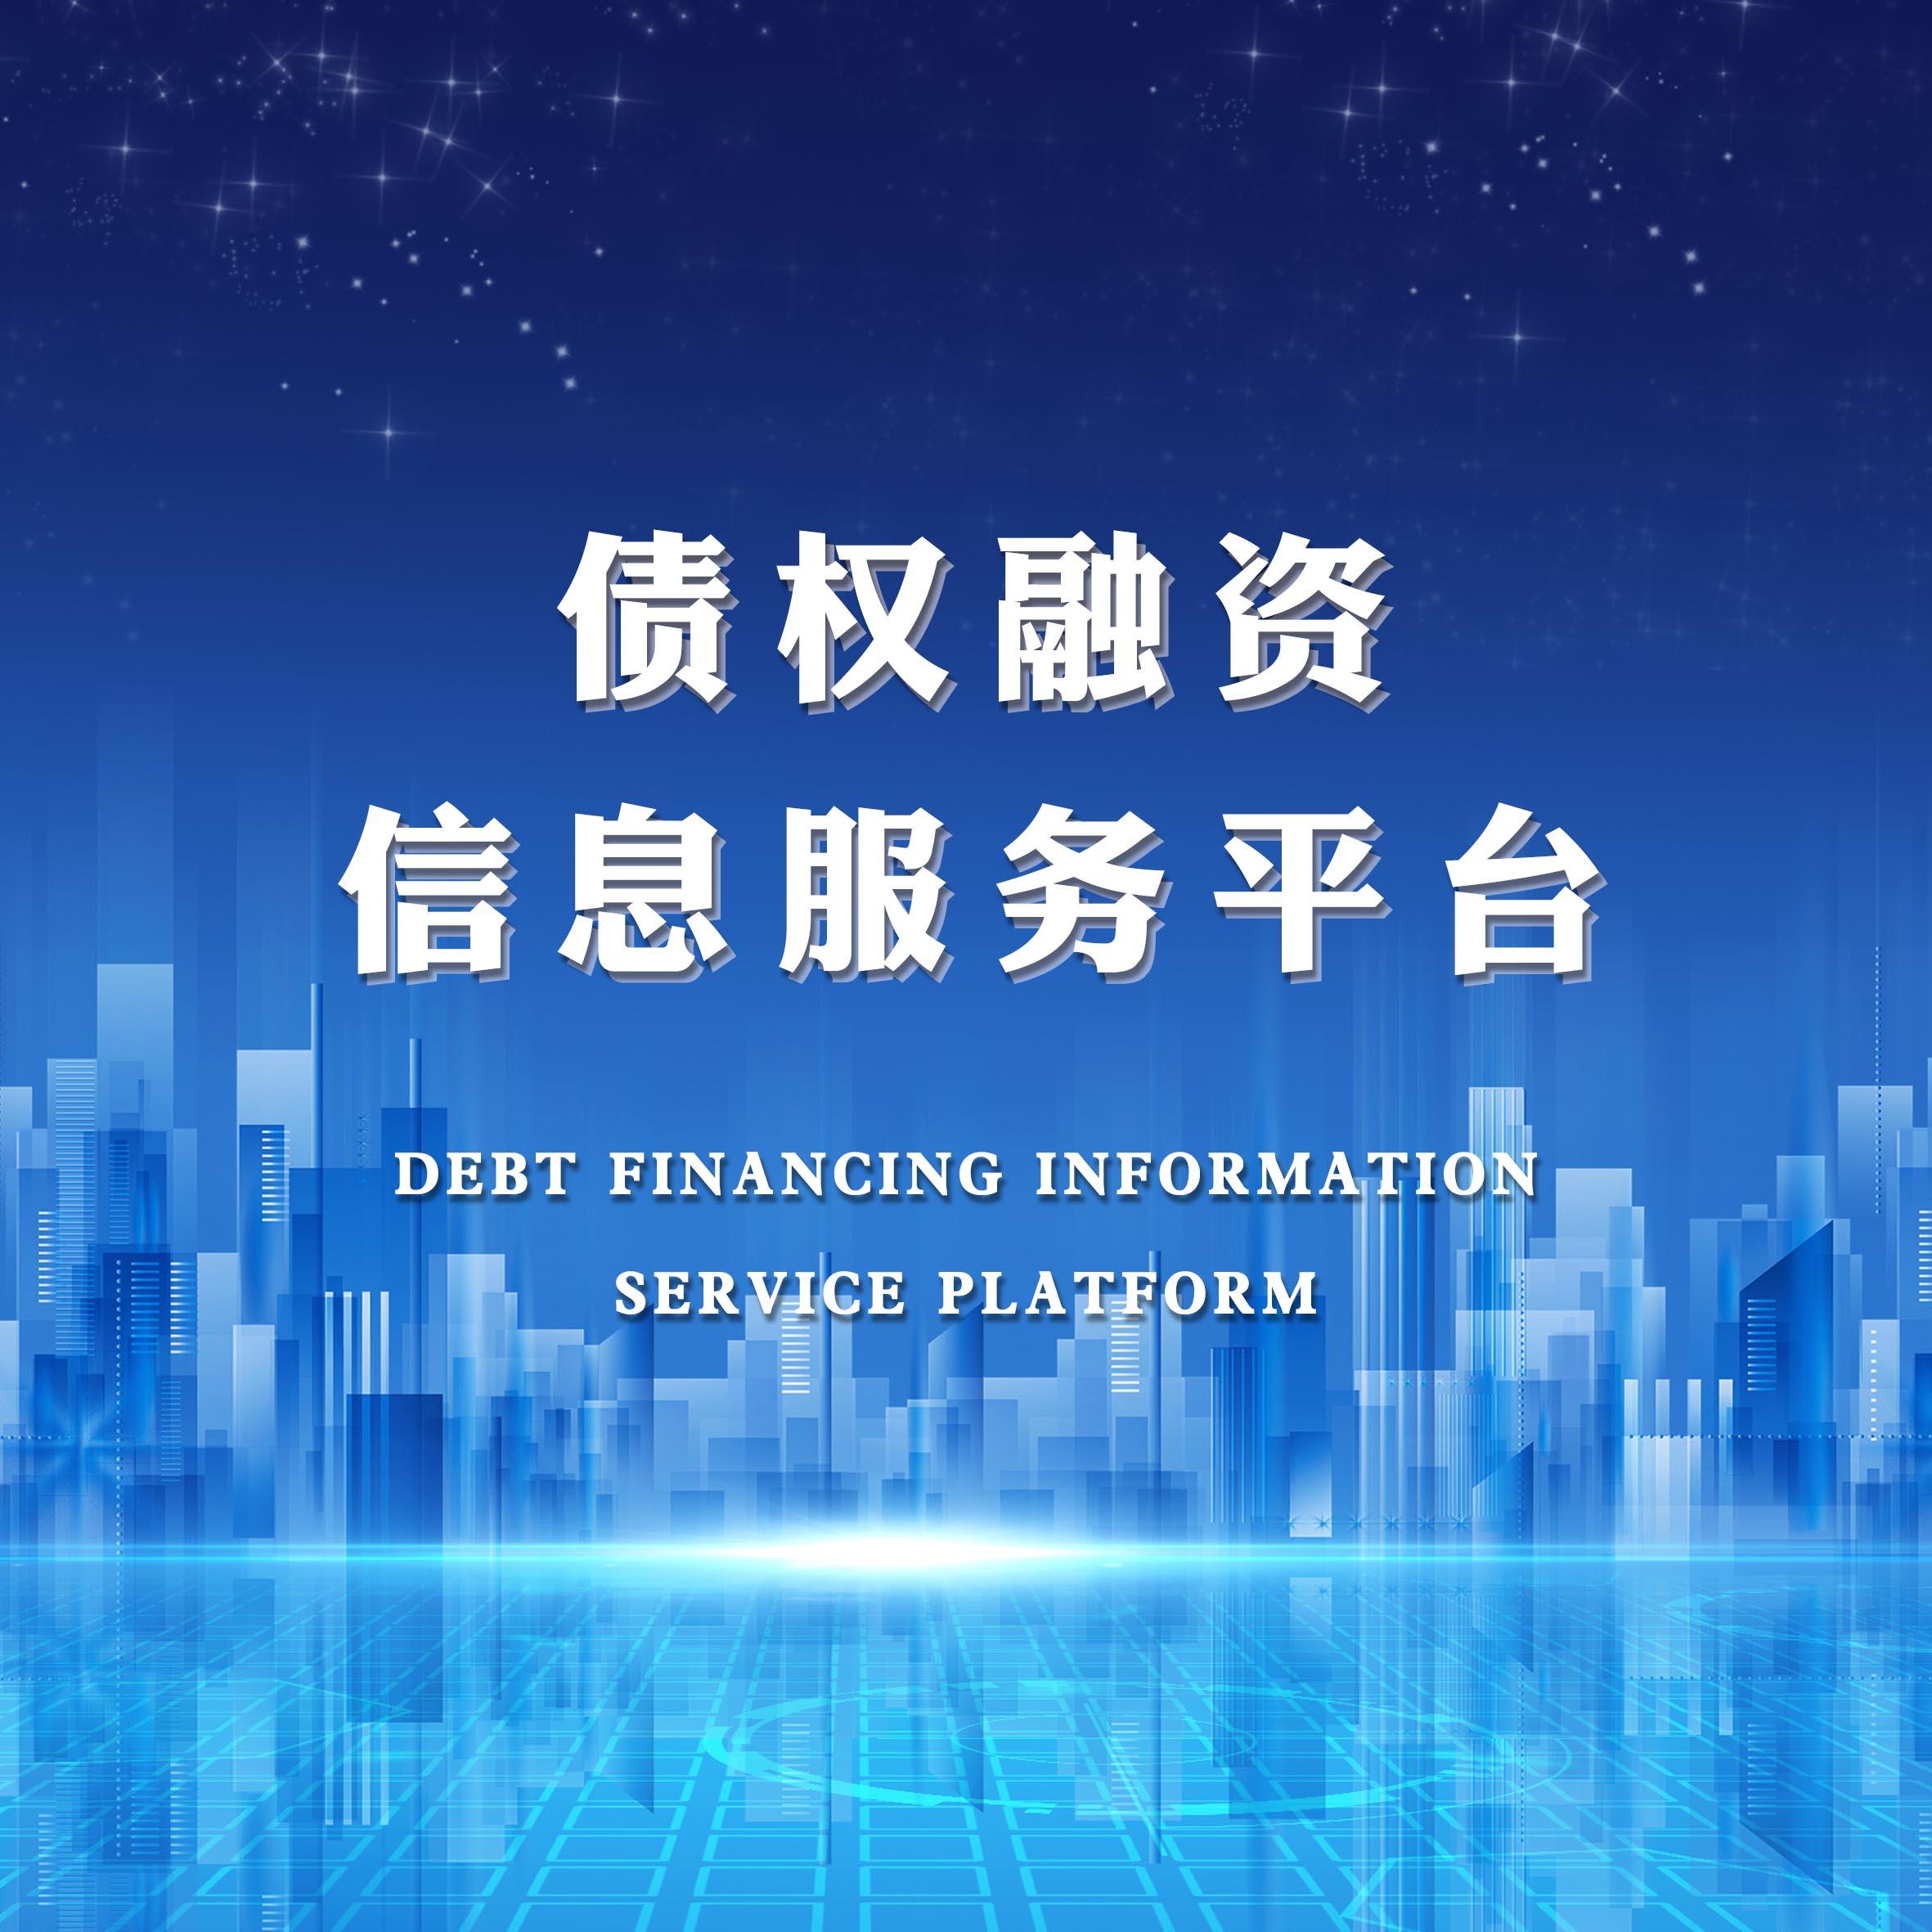 债权融资信息服务平台